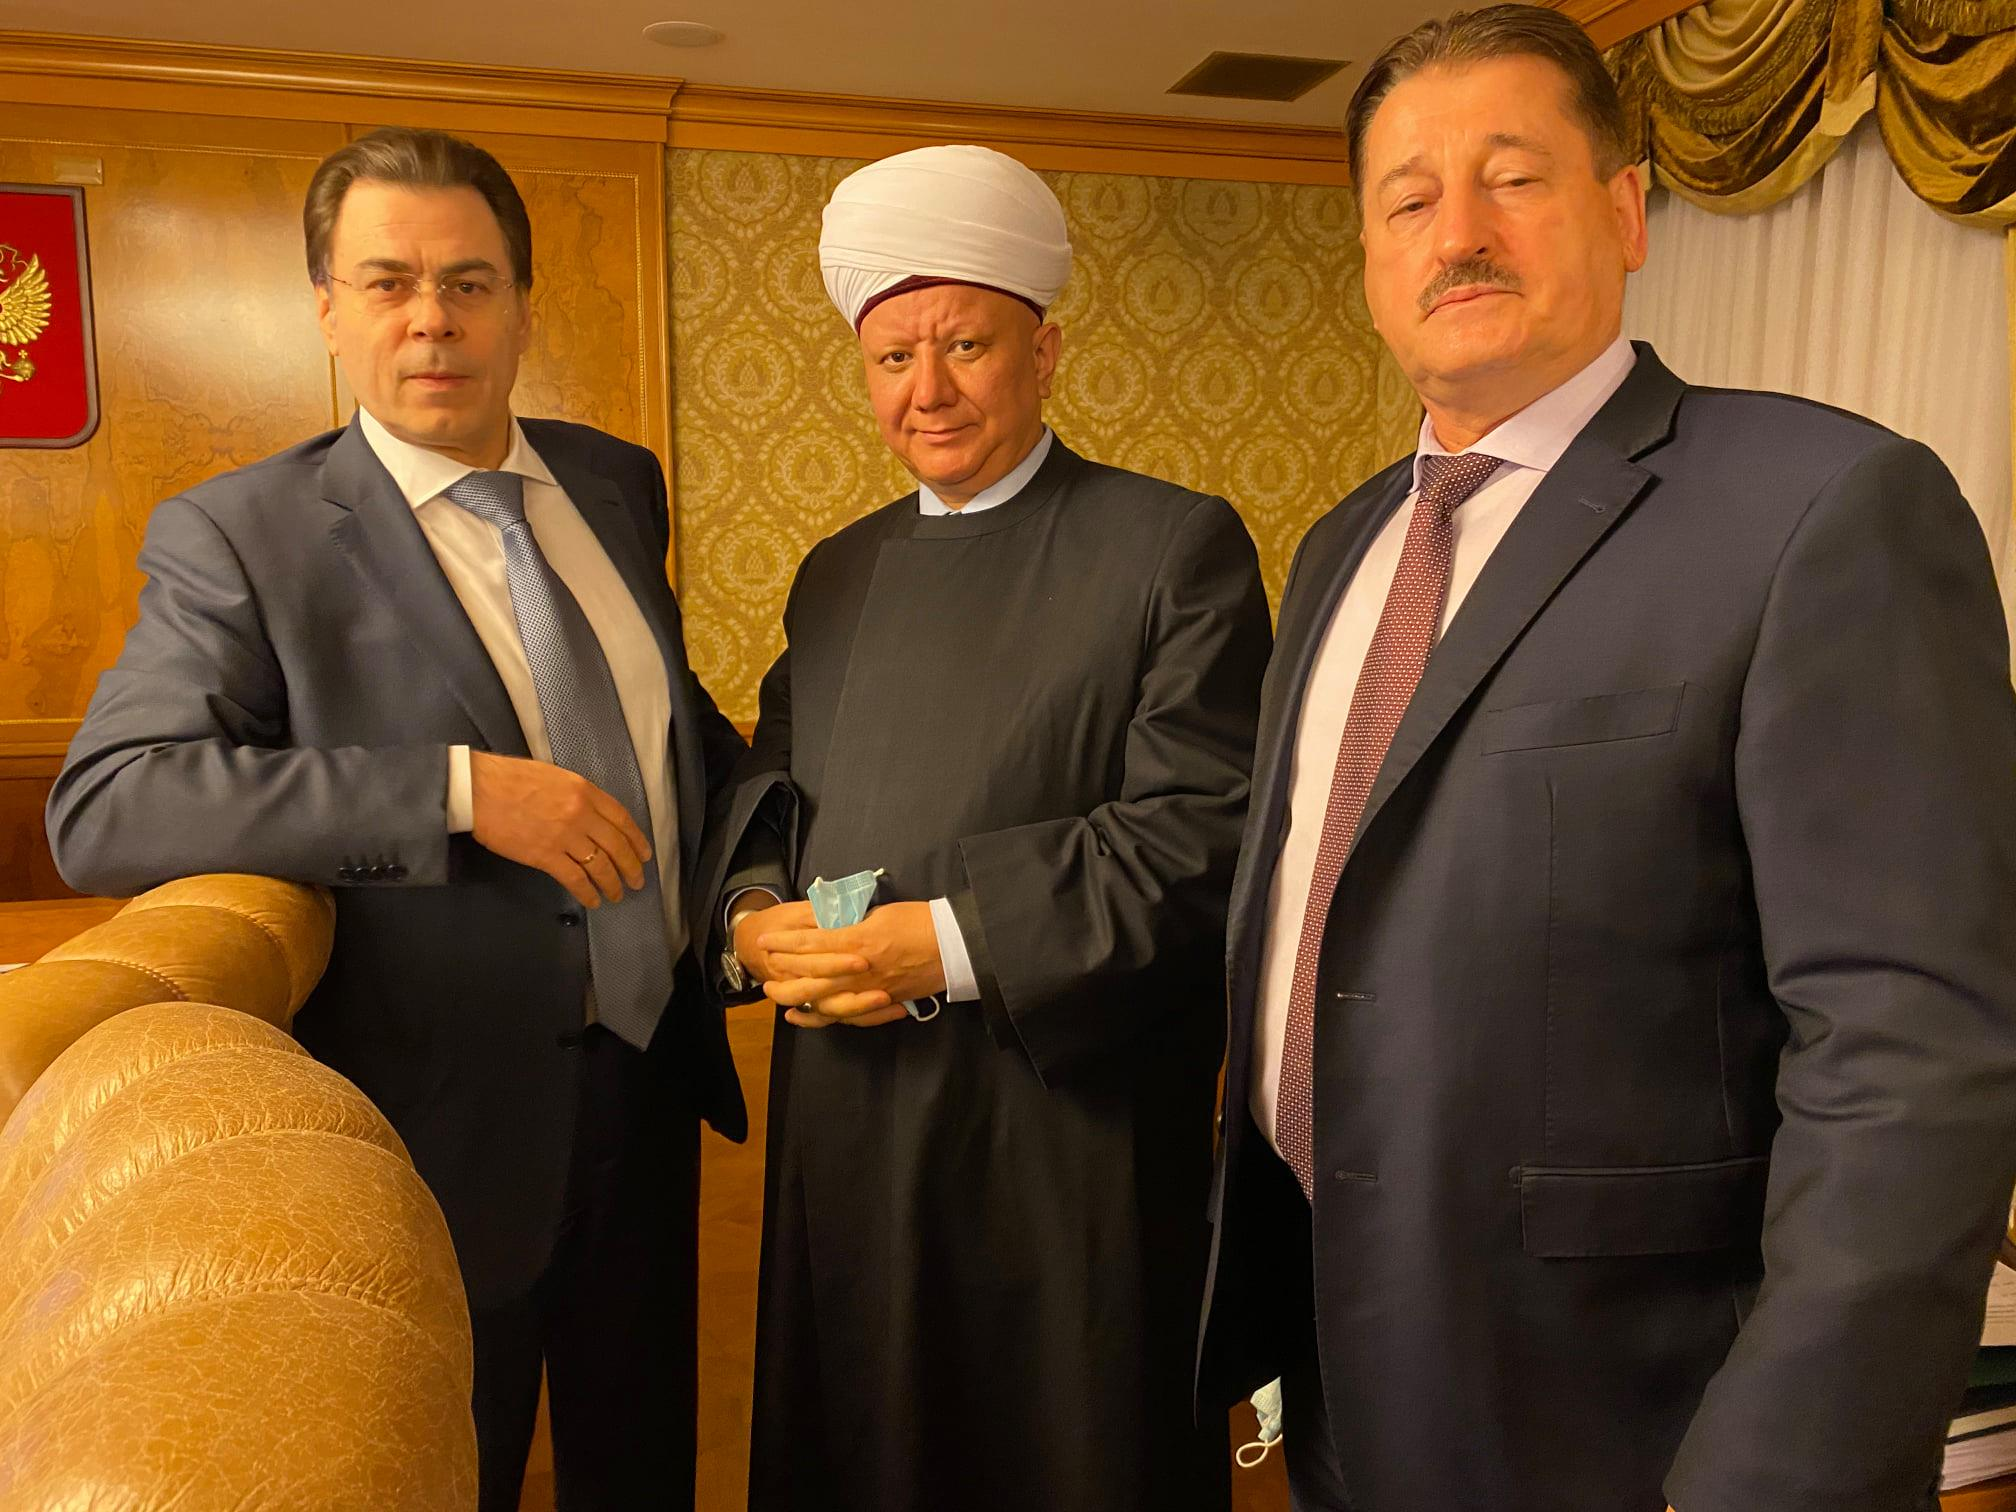 Религиозная Комиссия Правительства: помощь с COVID и имущество